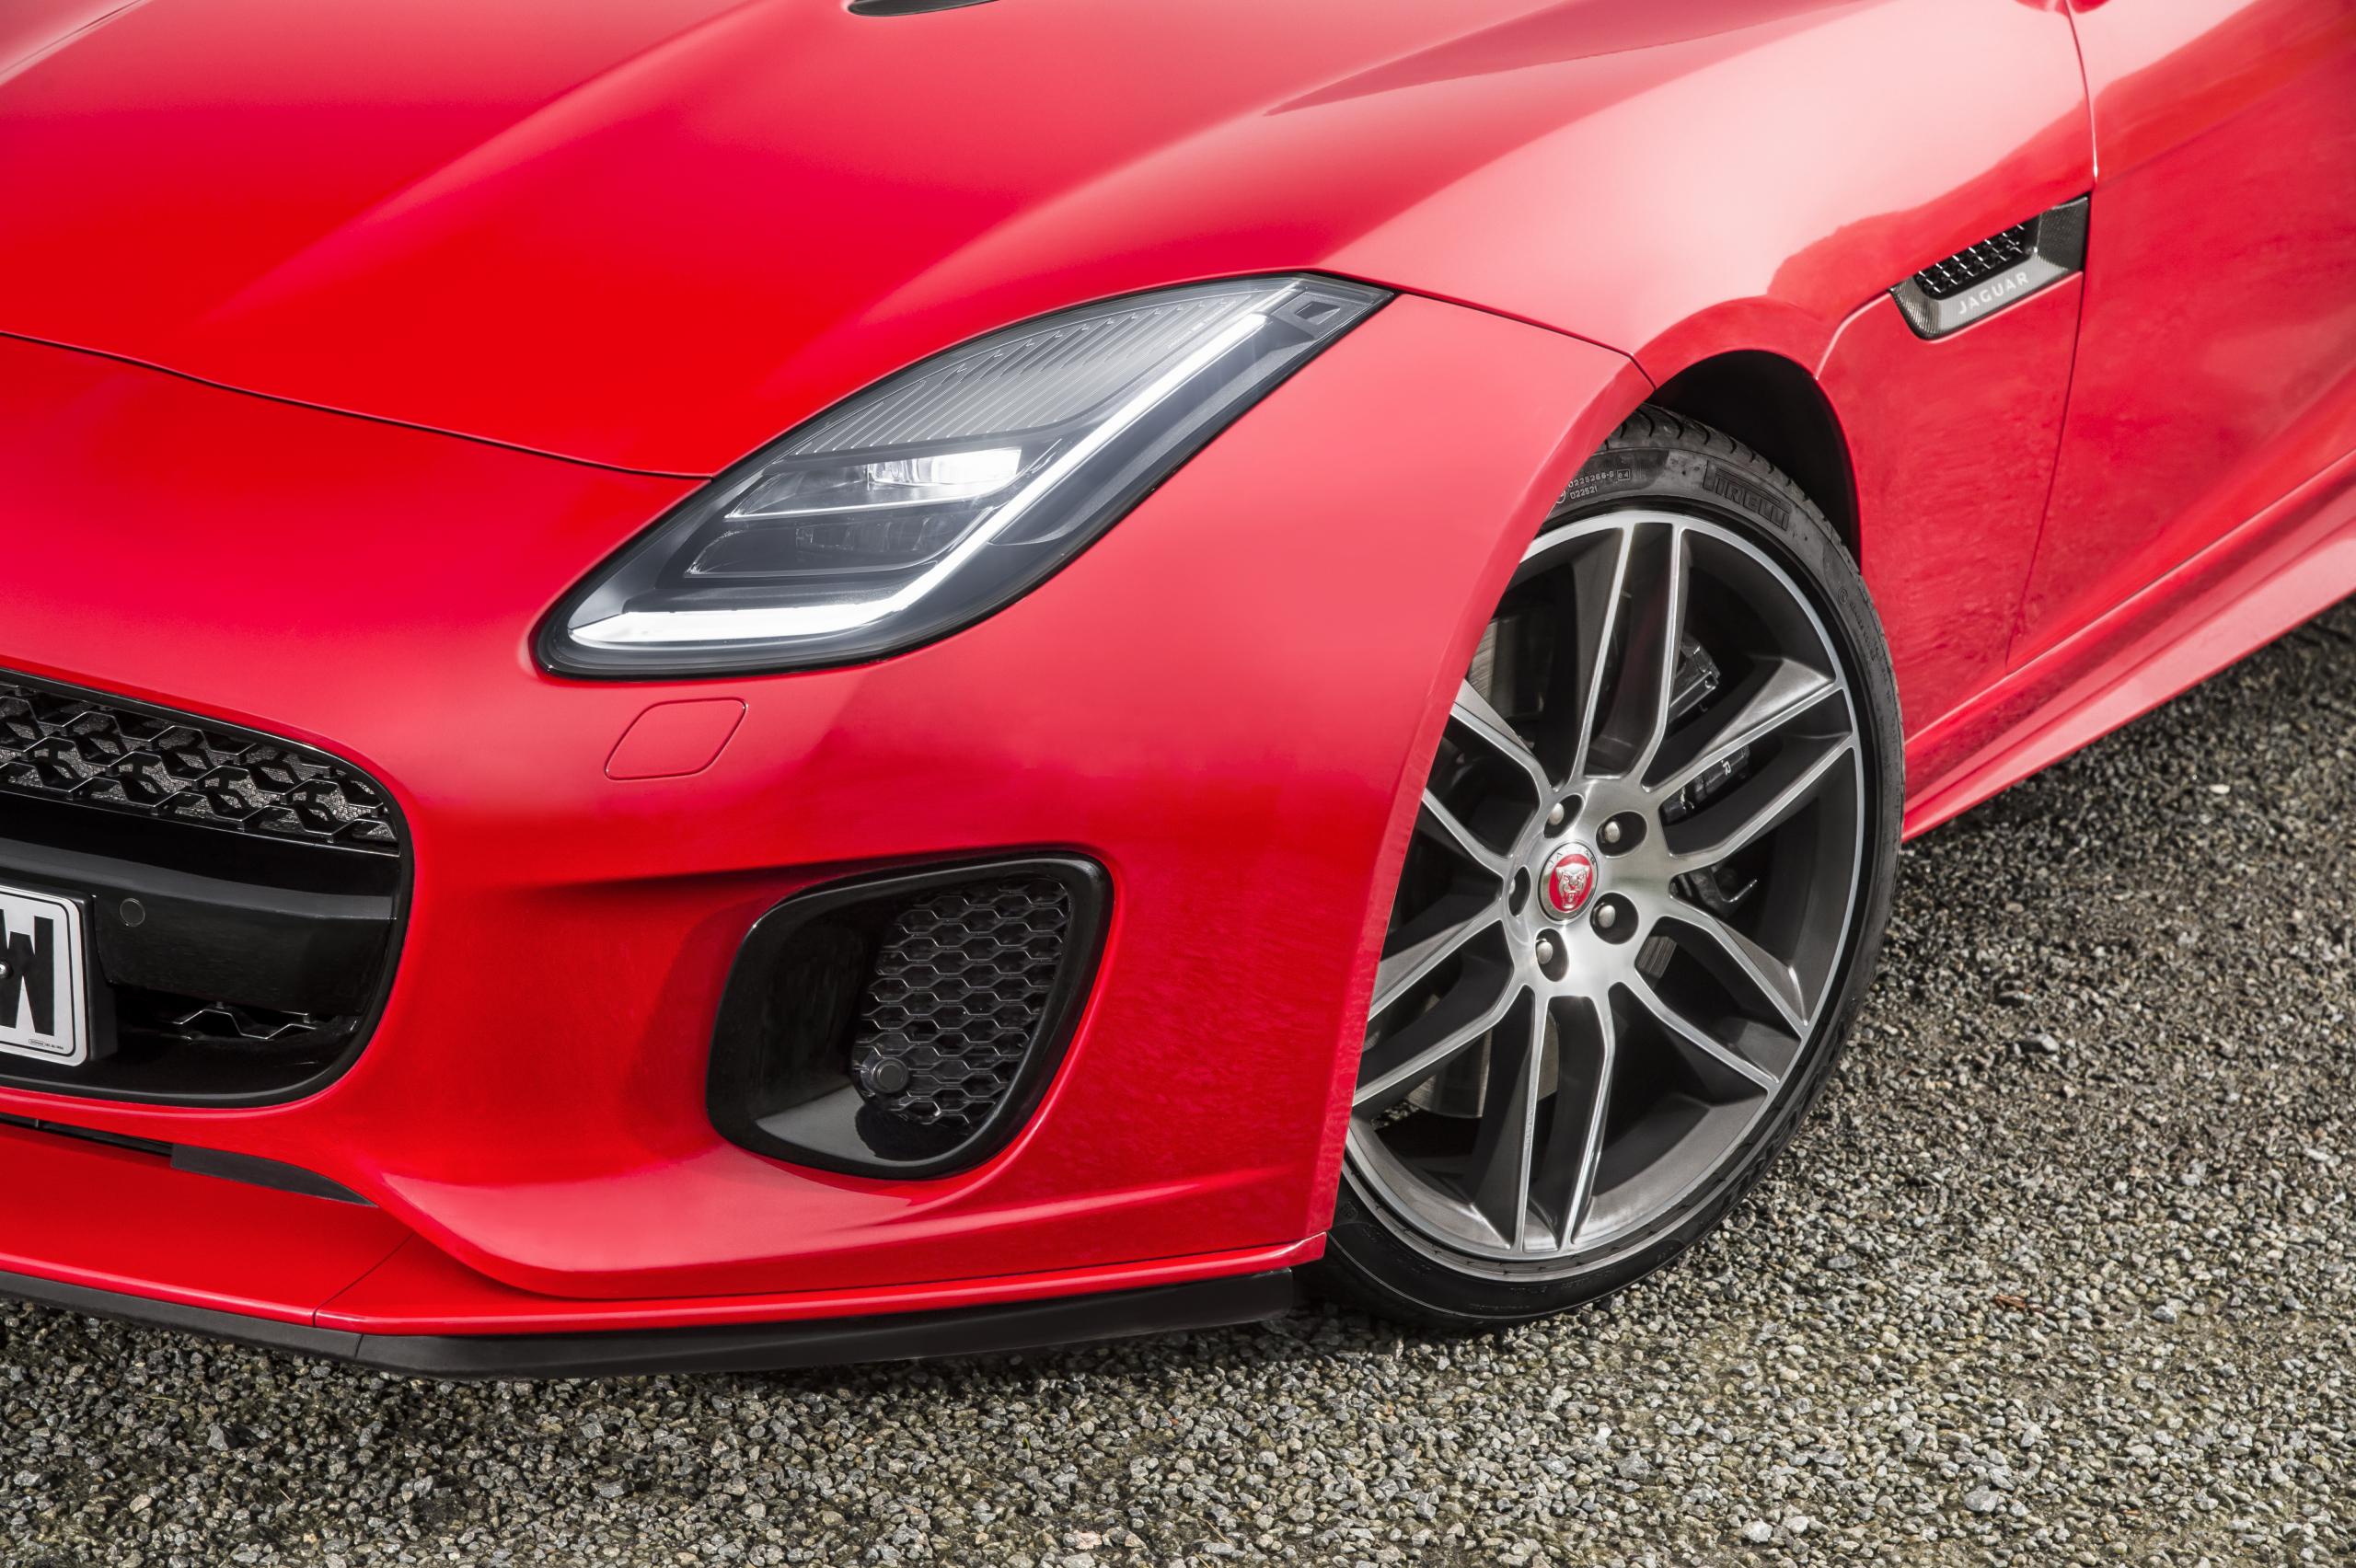 2018 Jaguar F-Type front bumper